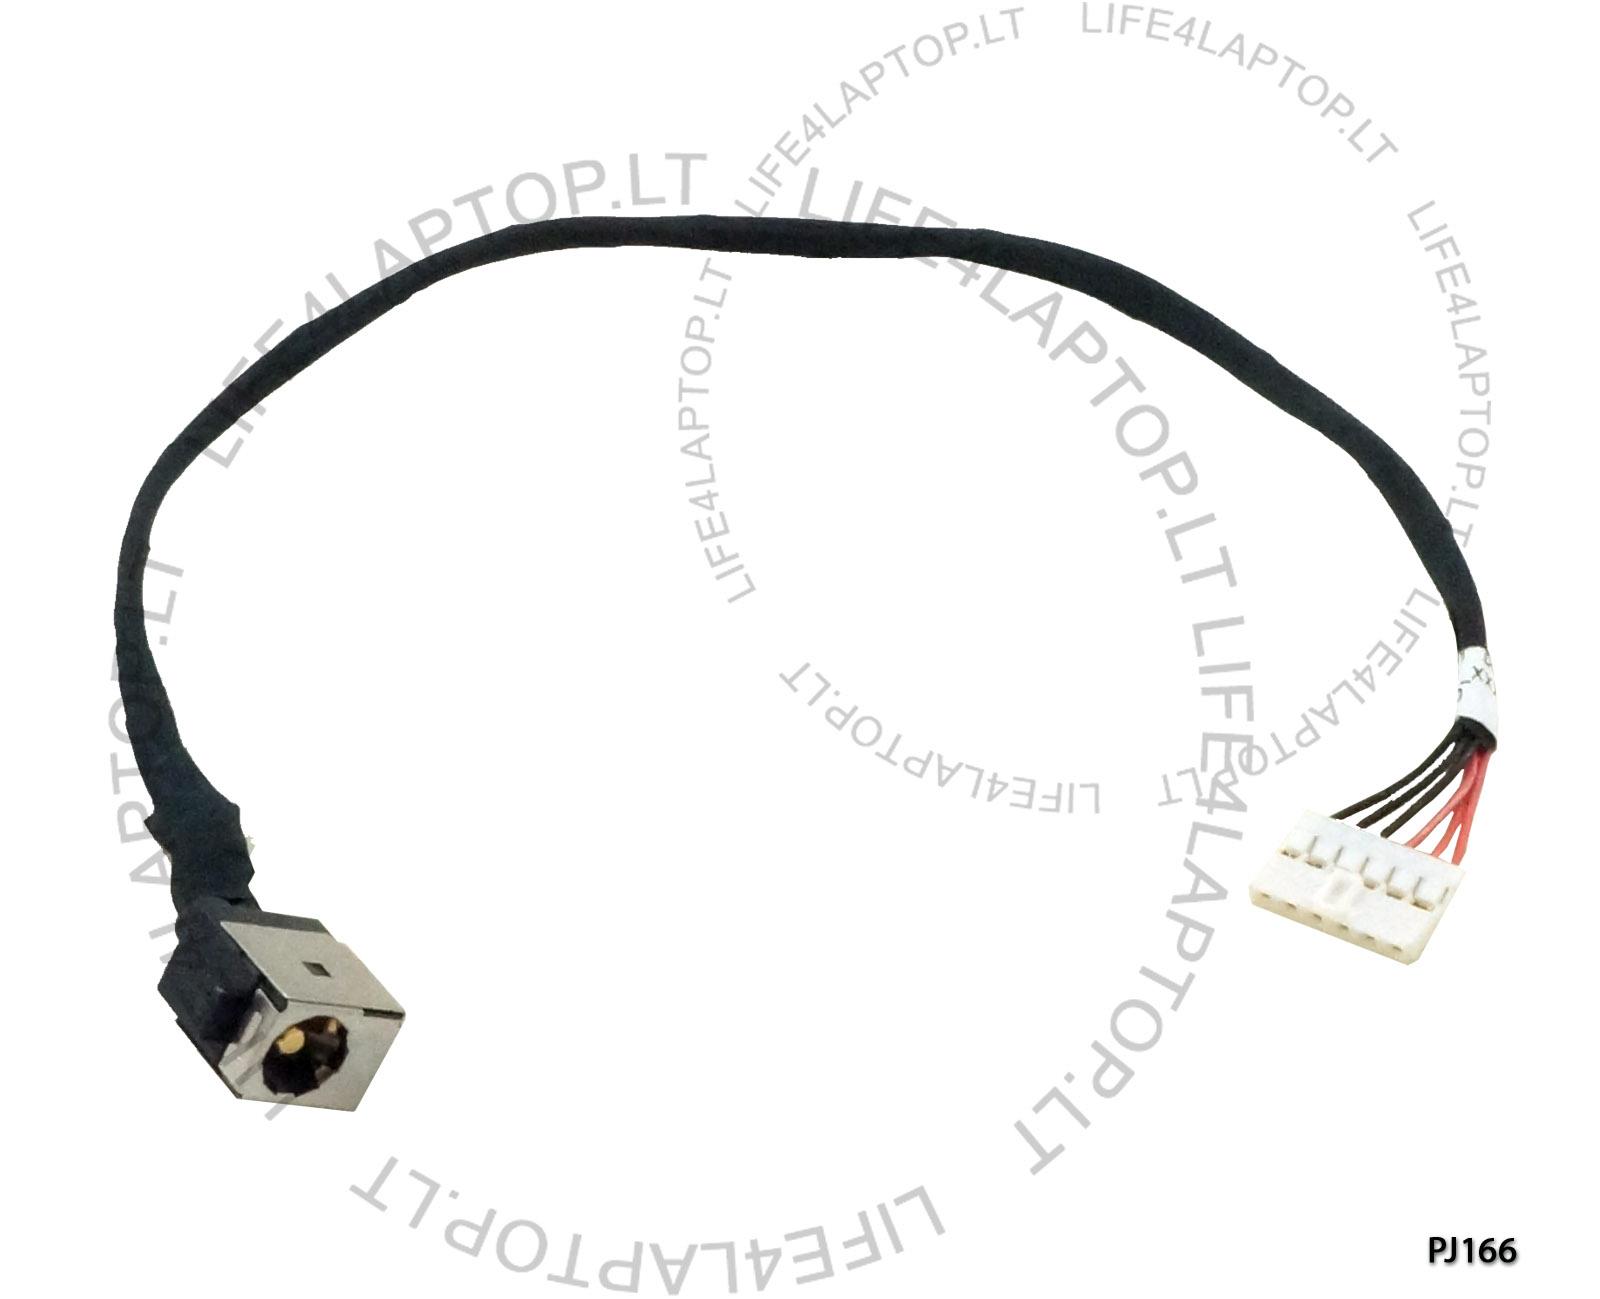 Asus X751 F751 DC Stecker Buchse Stromanschluss Mit Kabel Draht NEU ...